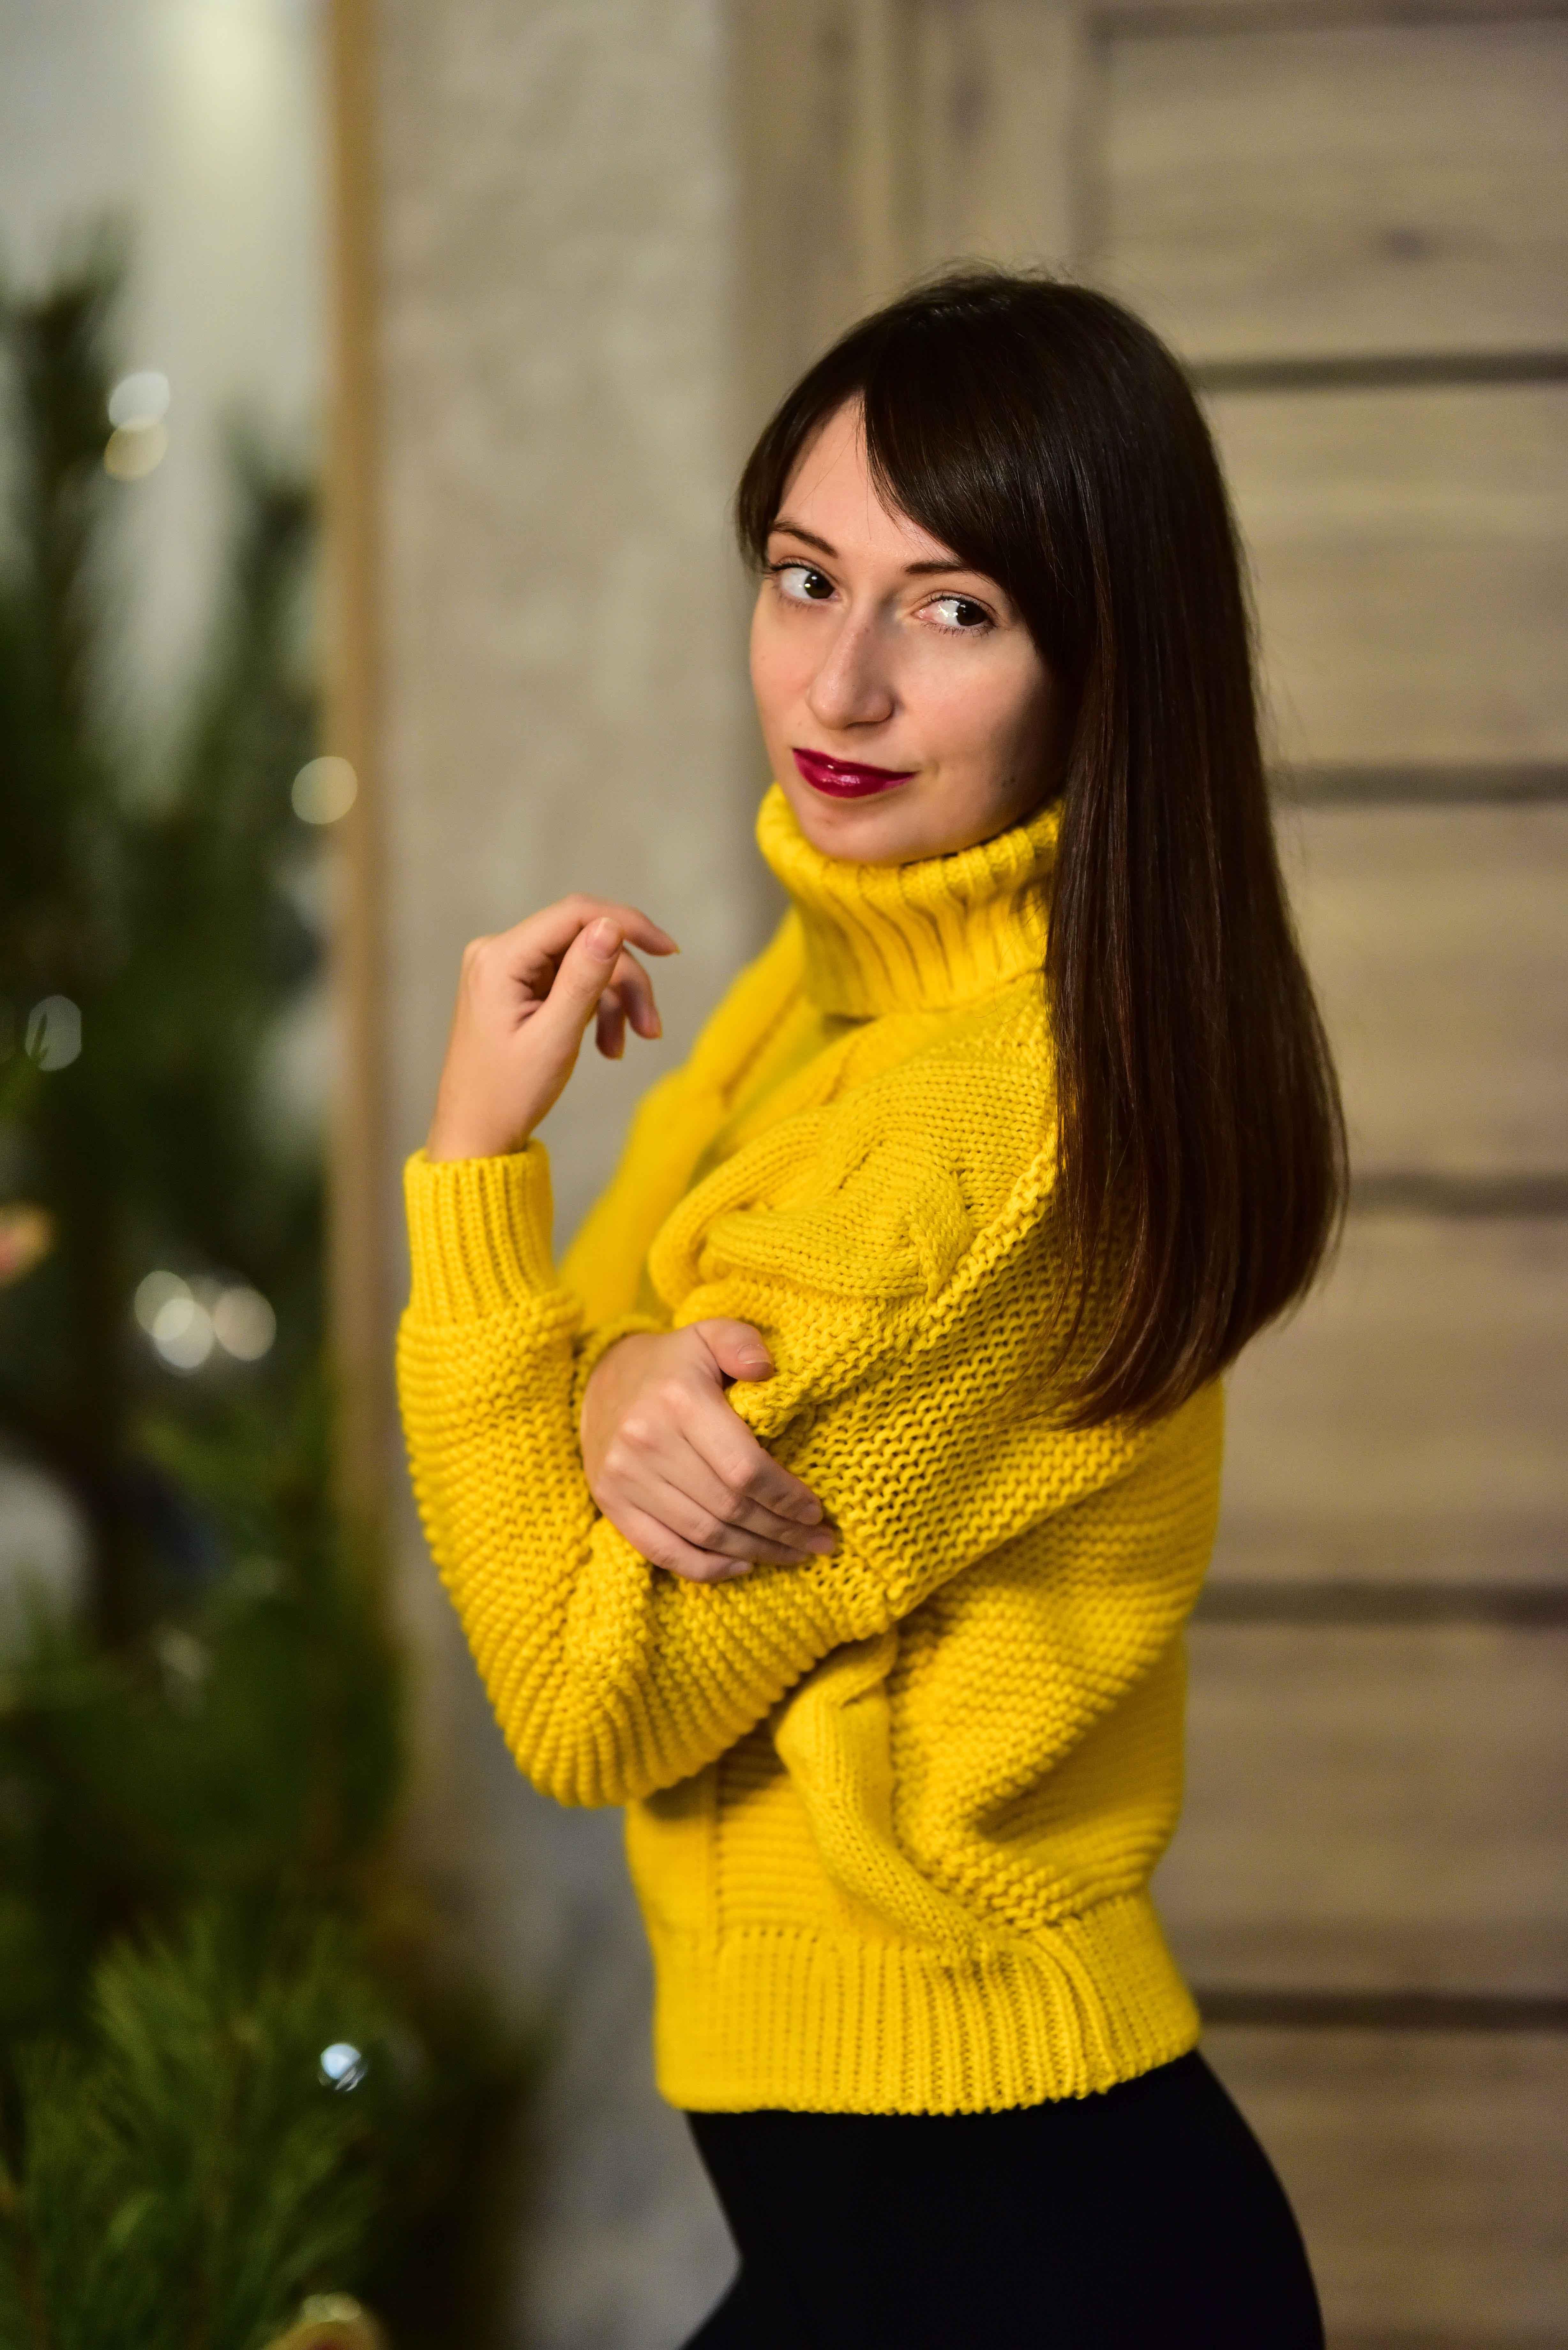 Тёплый жёлтый свитер от Tomorrow Store - цена